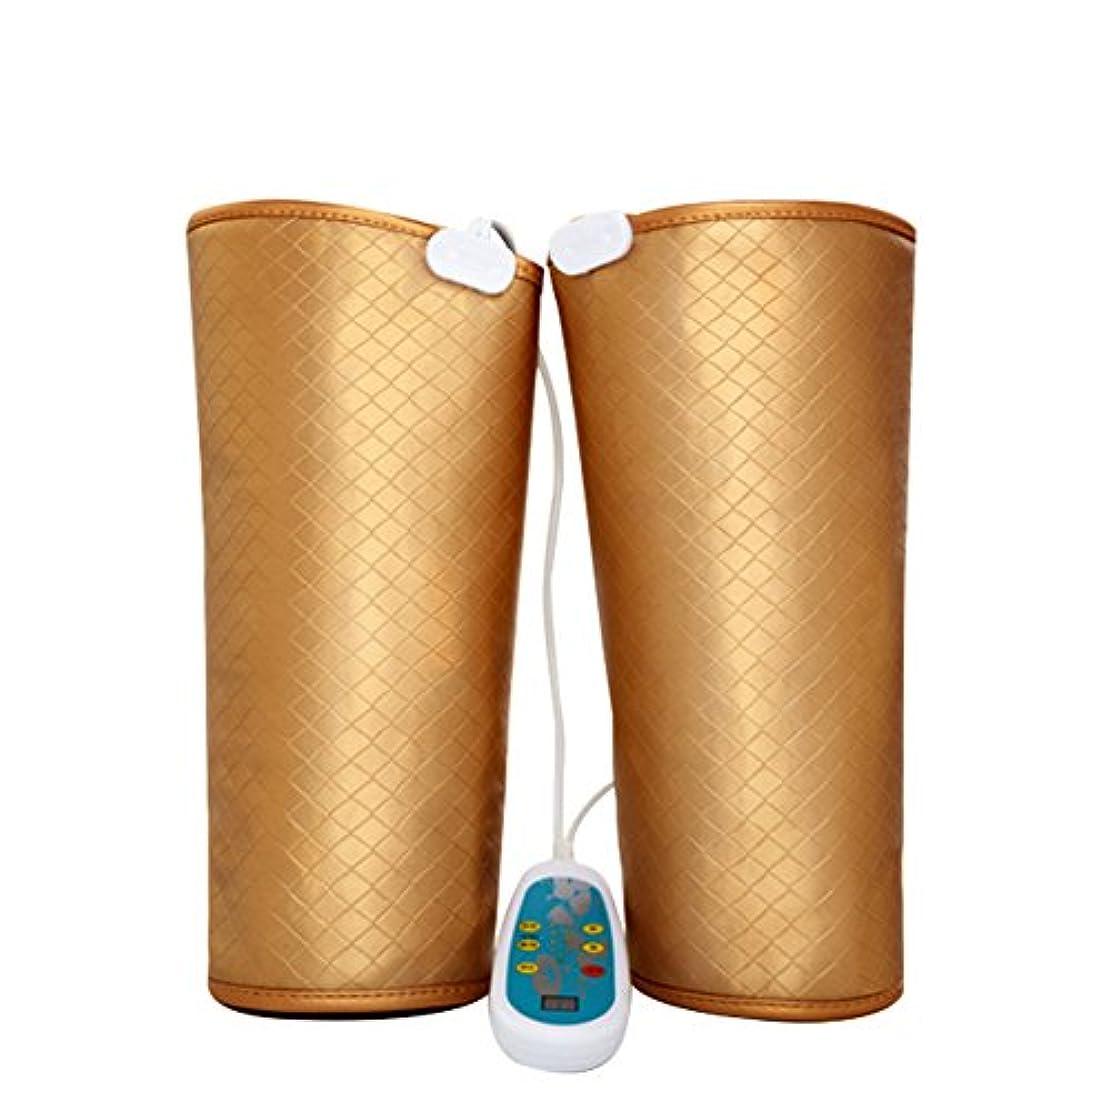 測るライオン内陸電気マッサージ、膝の保温、男女通用、マッサージ機、膝と足を加熱してマッサージします